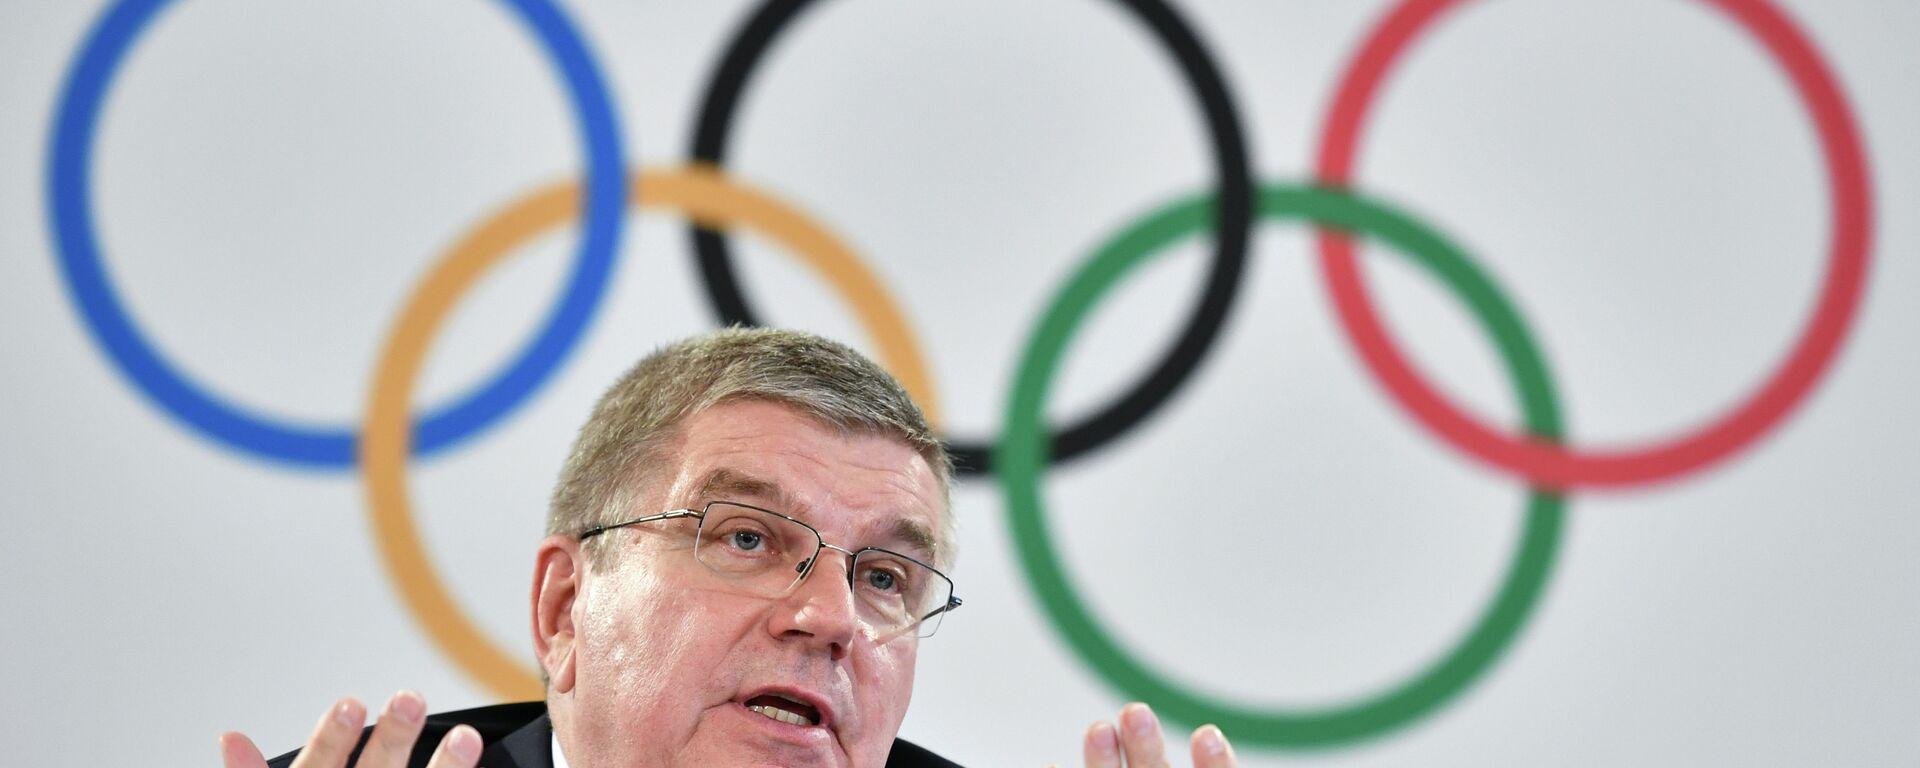 Ο πρόεδρος της Διεθνούς Ολυμπιακής Επιτροπής Τόμας Μπαχ - Sputnik Ελλάδα, 1920, 27.01.2021